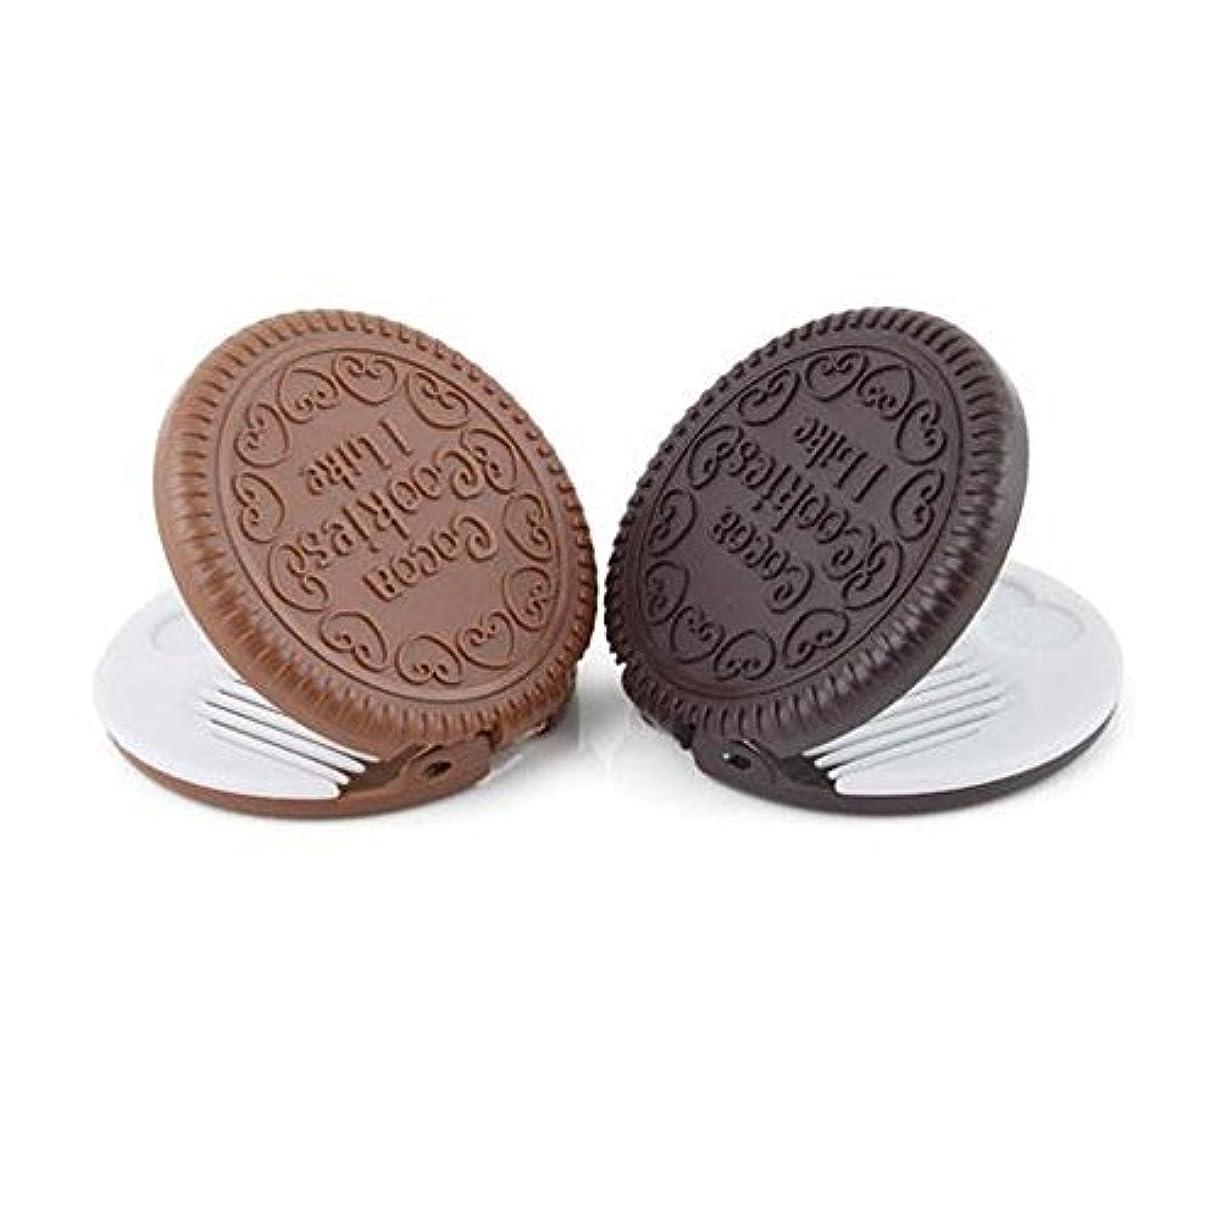 ベット試してみるスパイラルyueton Pack of 2 Mini Pocket Chocolate Cookie Compact Mirror with Comb [並行輸入品]